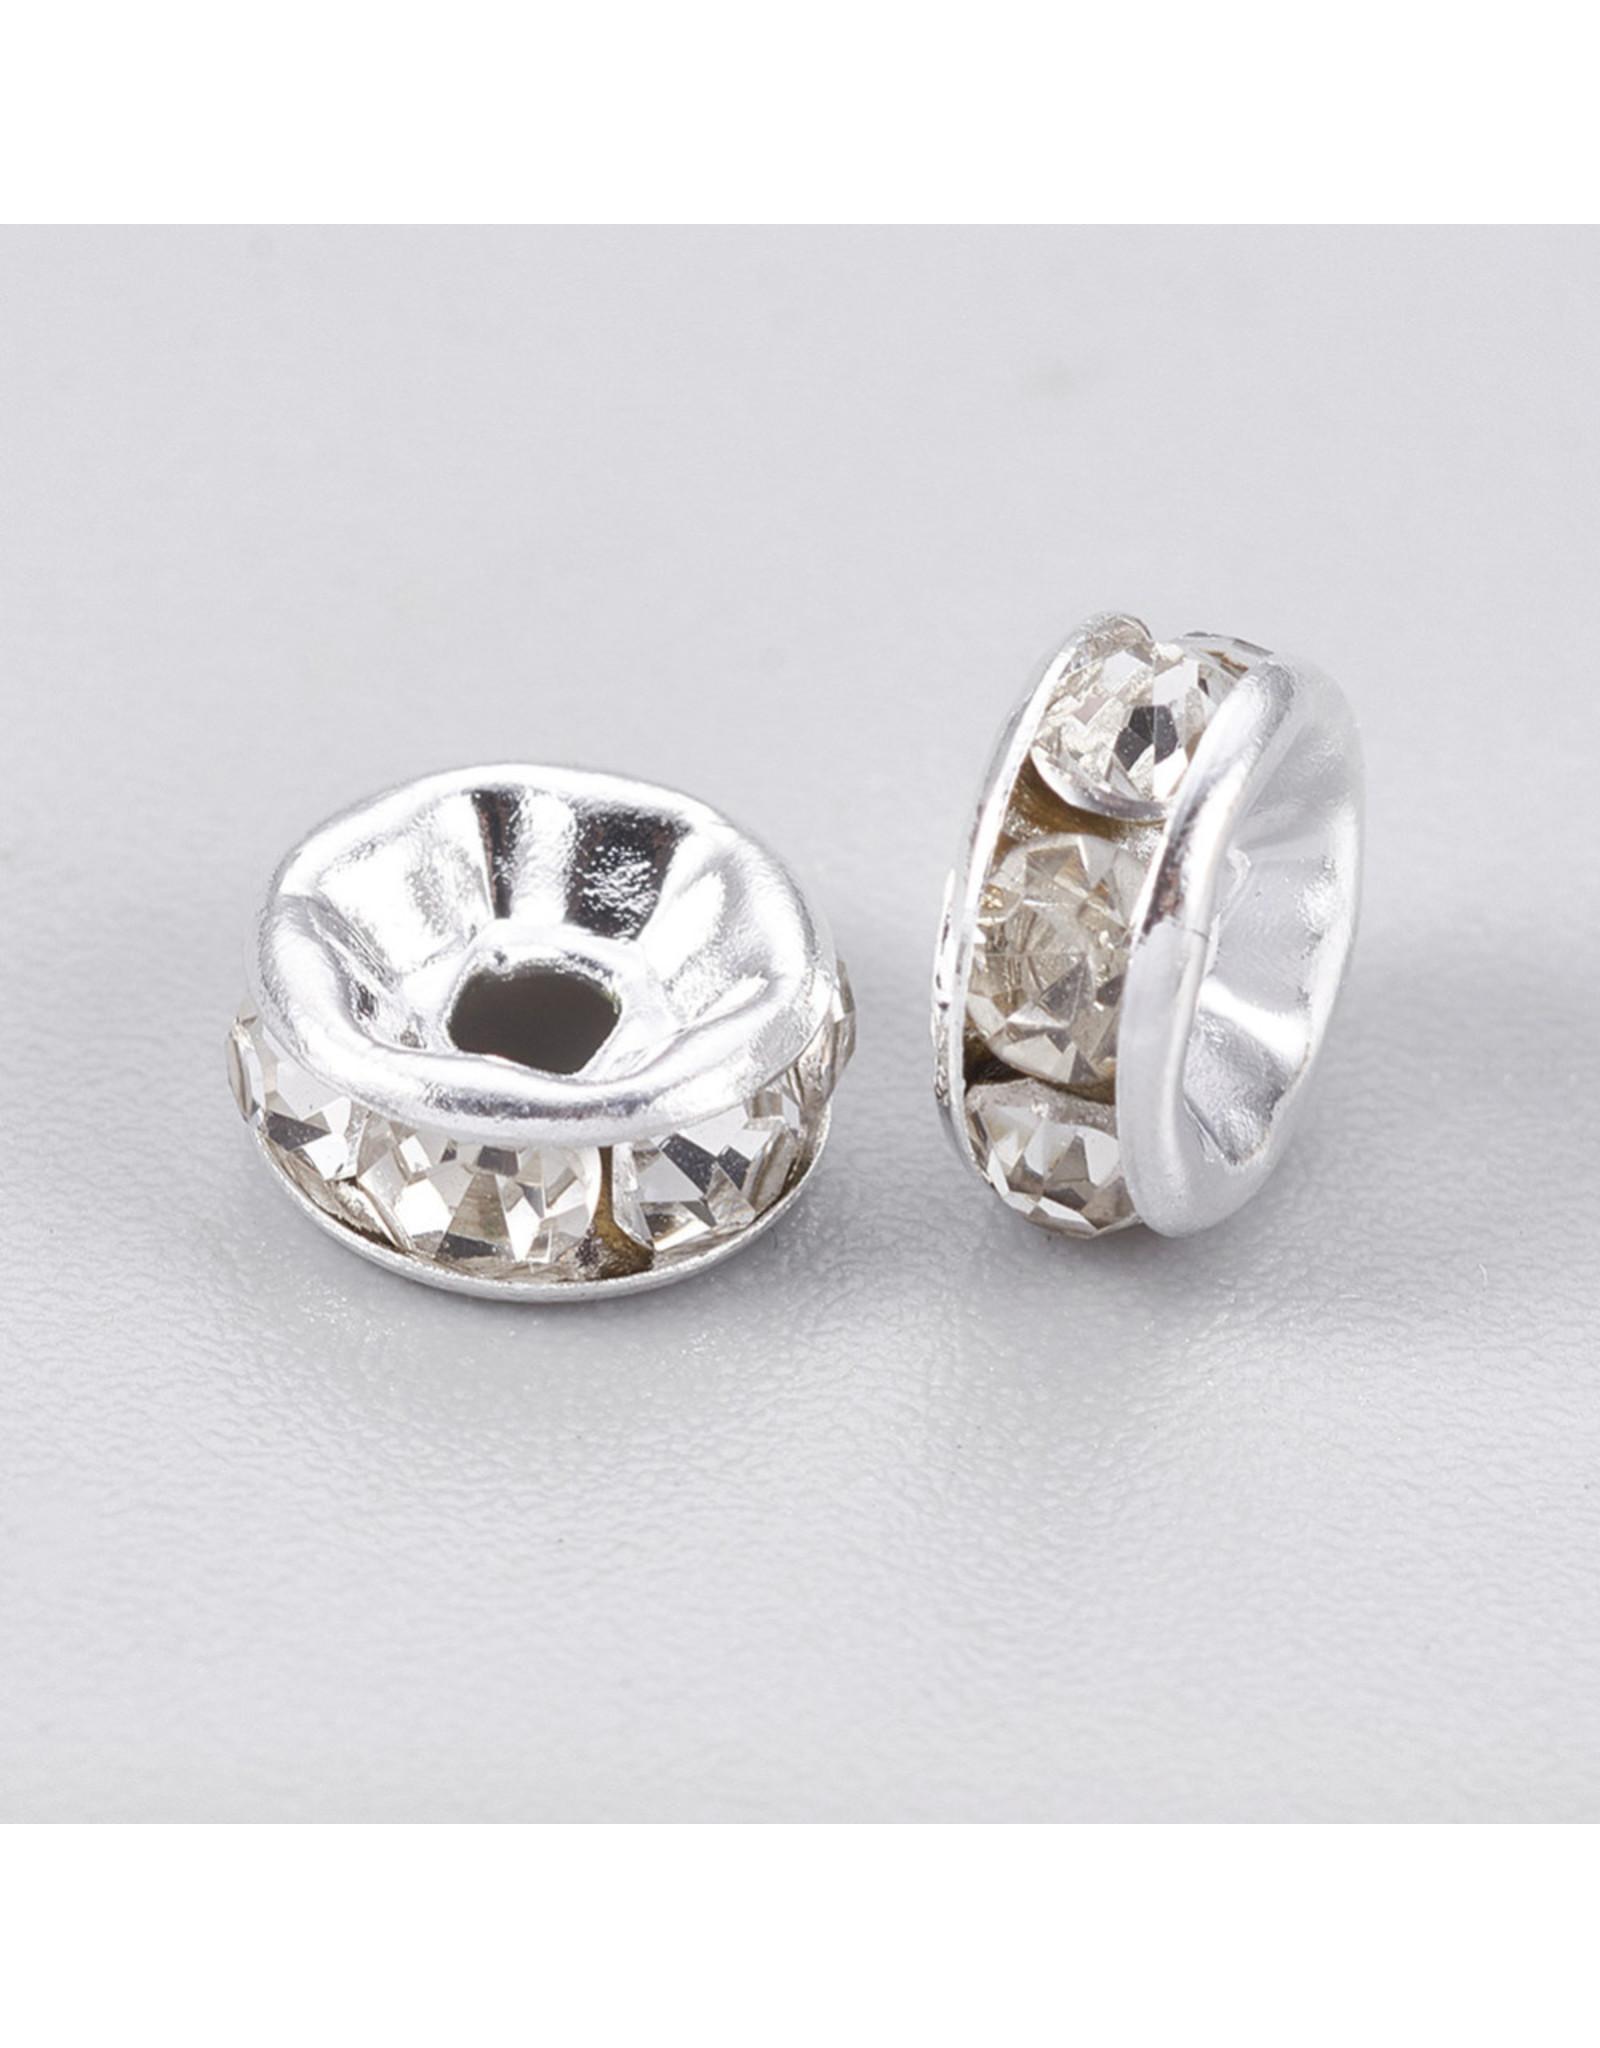 Rhinestone Rondelle Wedding Band 6mm Silver/Clear x100 Grade A